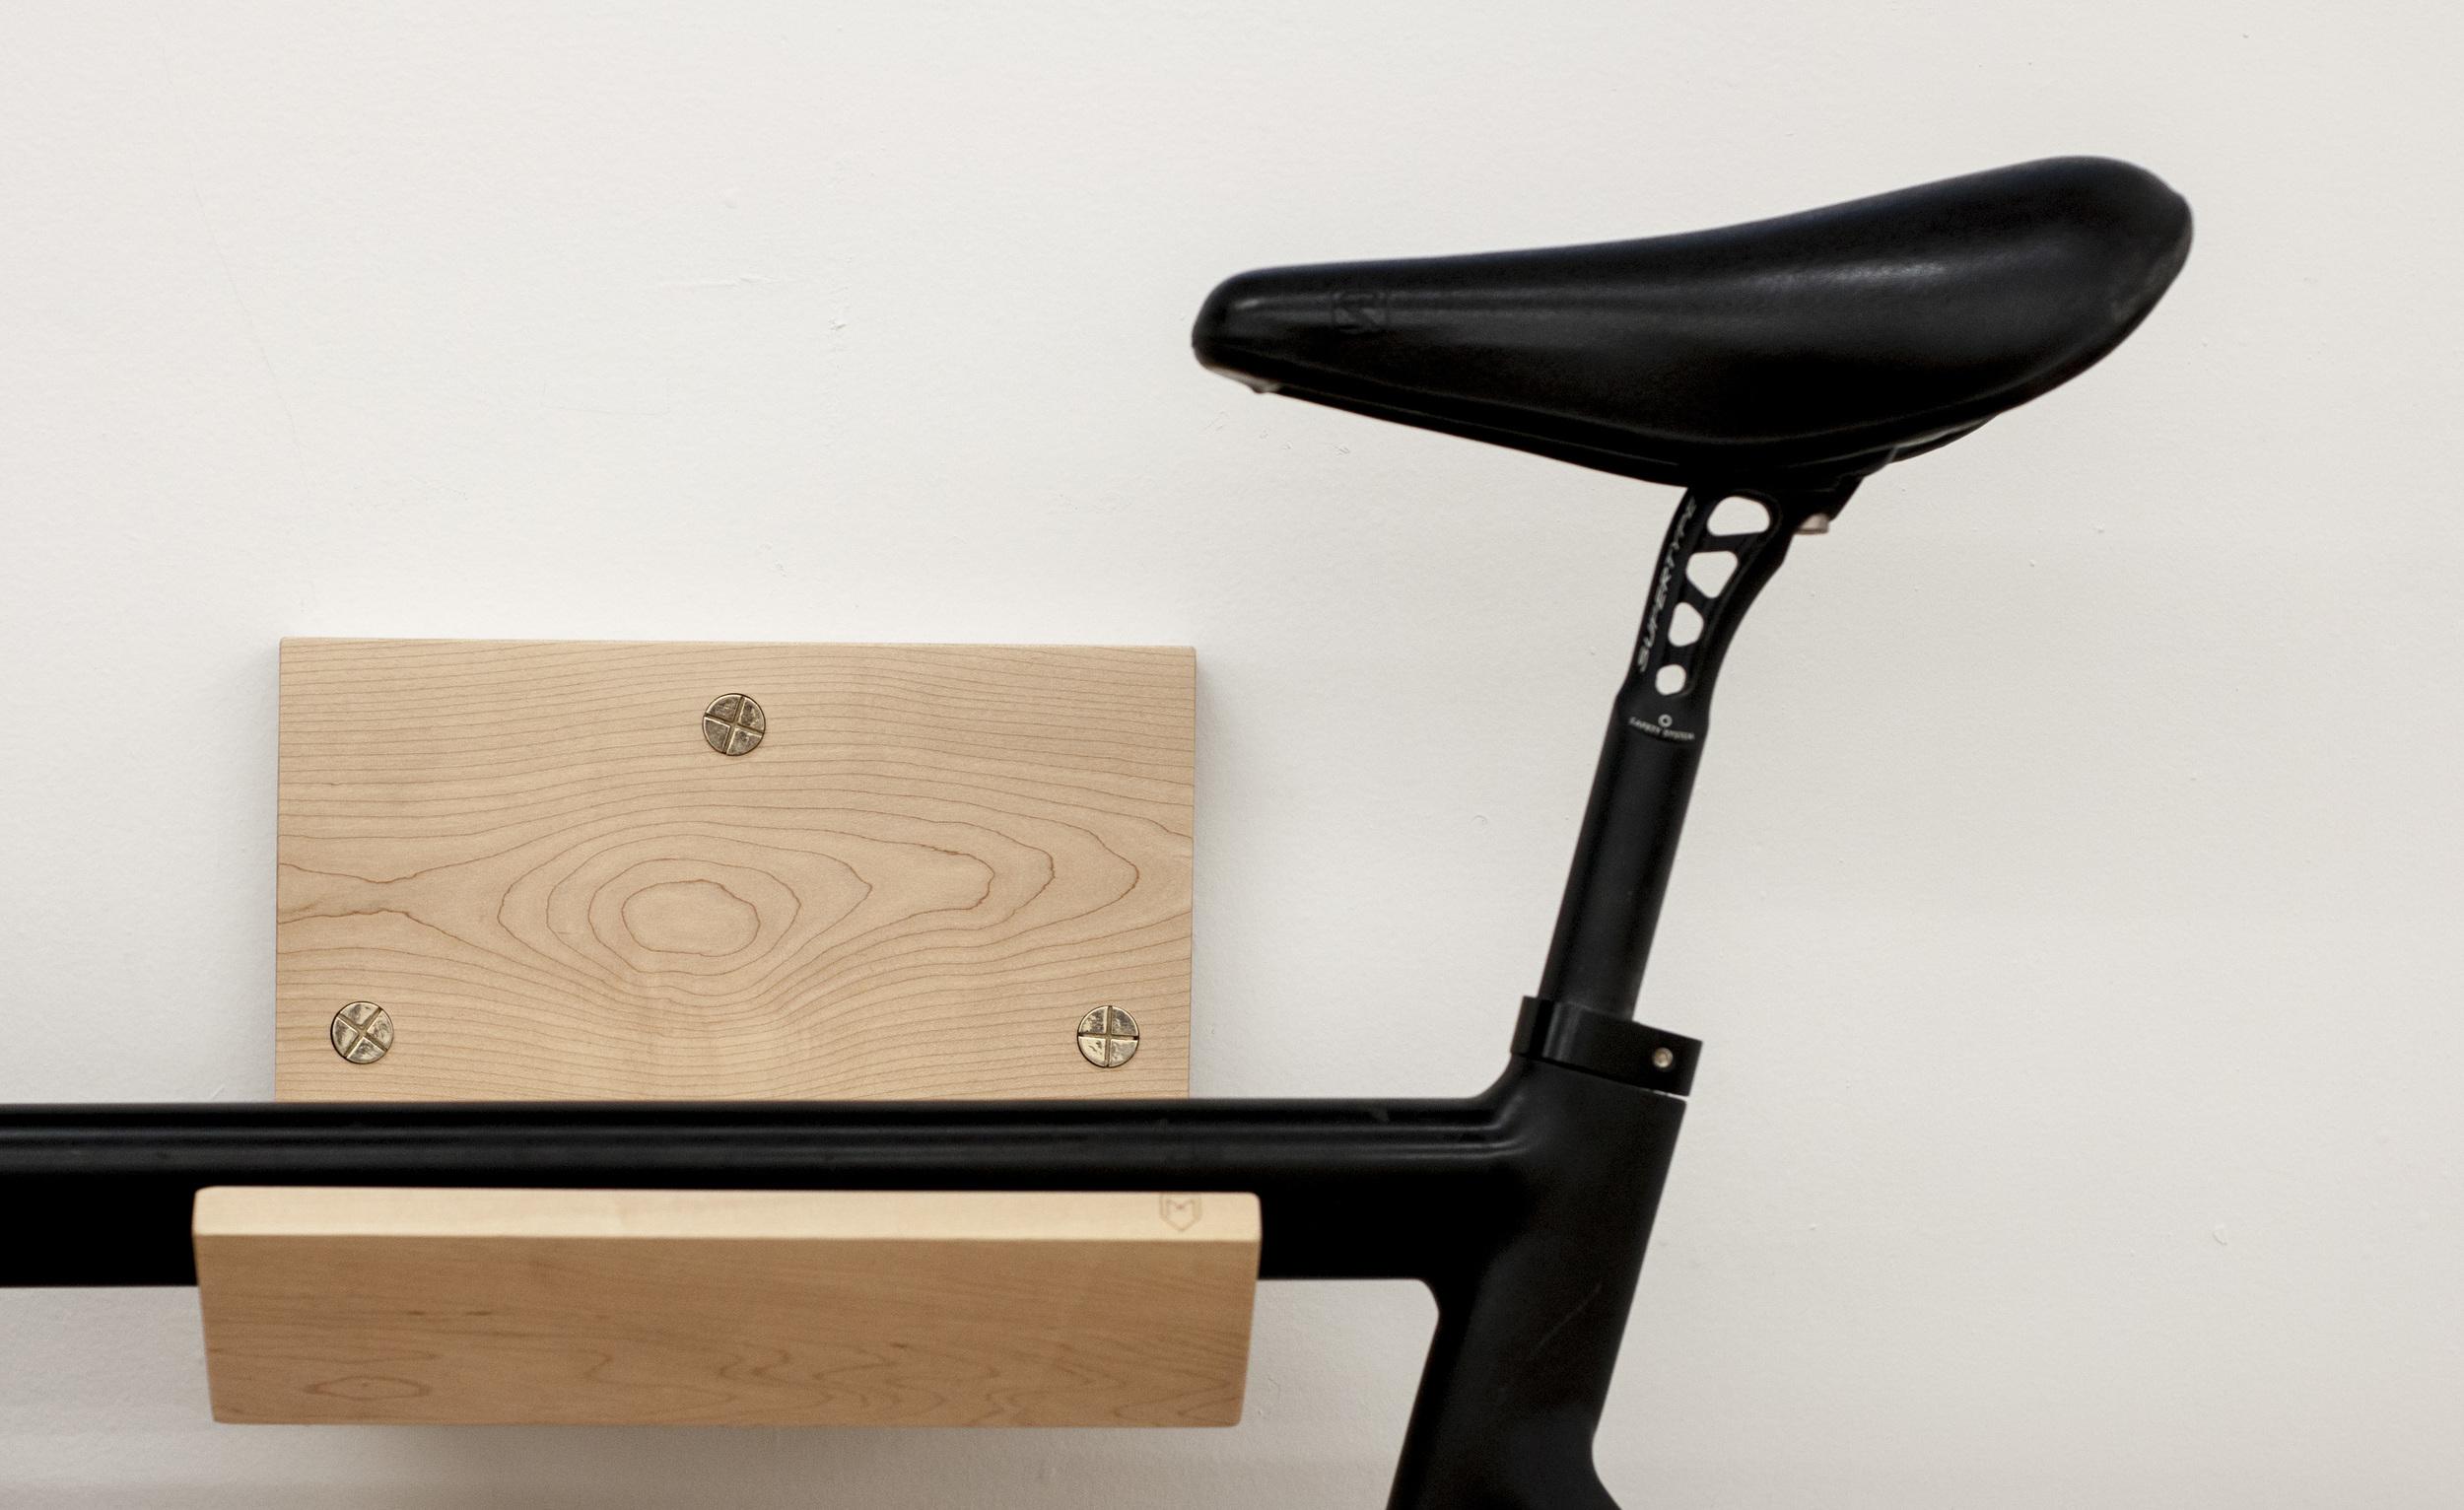 The Make Bike Rack